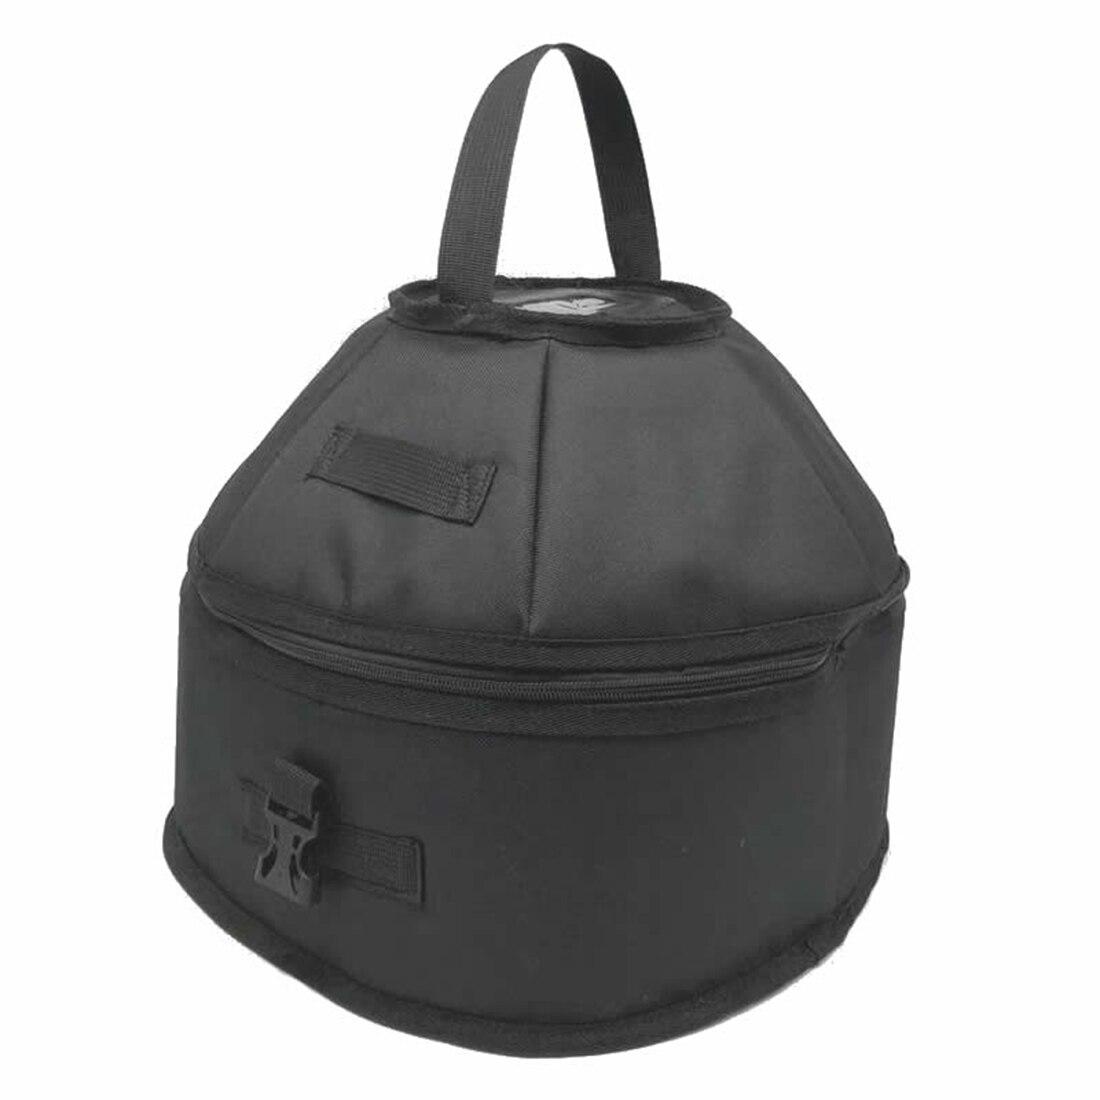 AM95 600D Fabric Helmet Bag Helmet Protection Carrying Bag Tactical Helmet Storage Bag - L